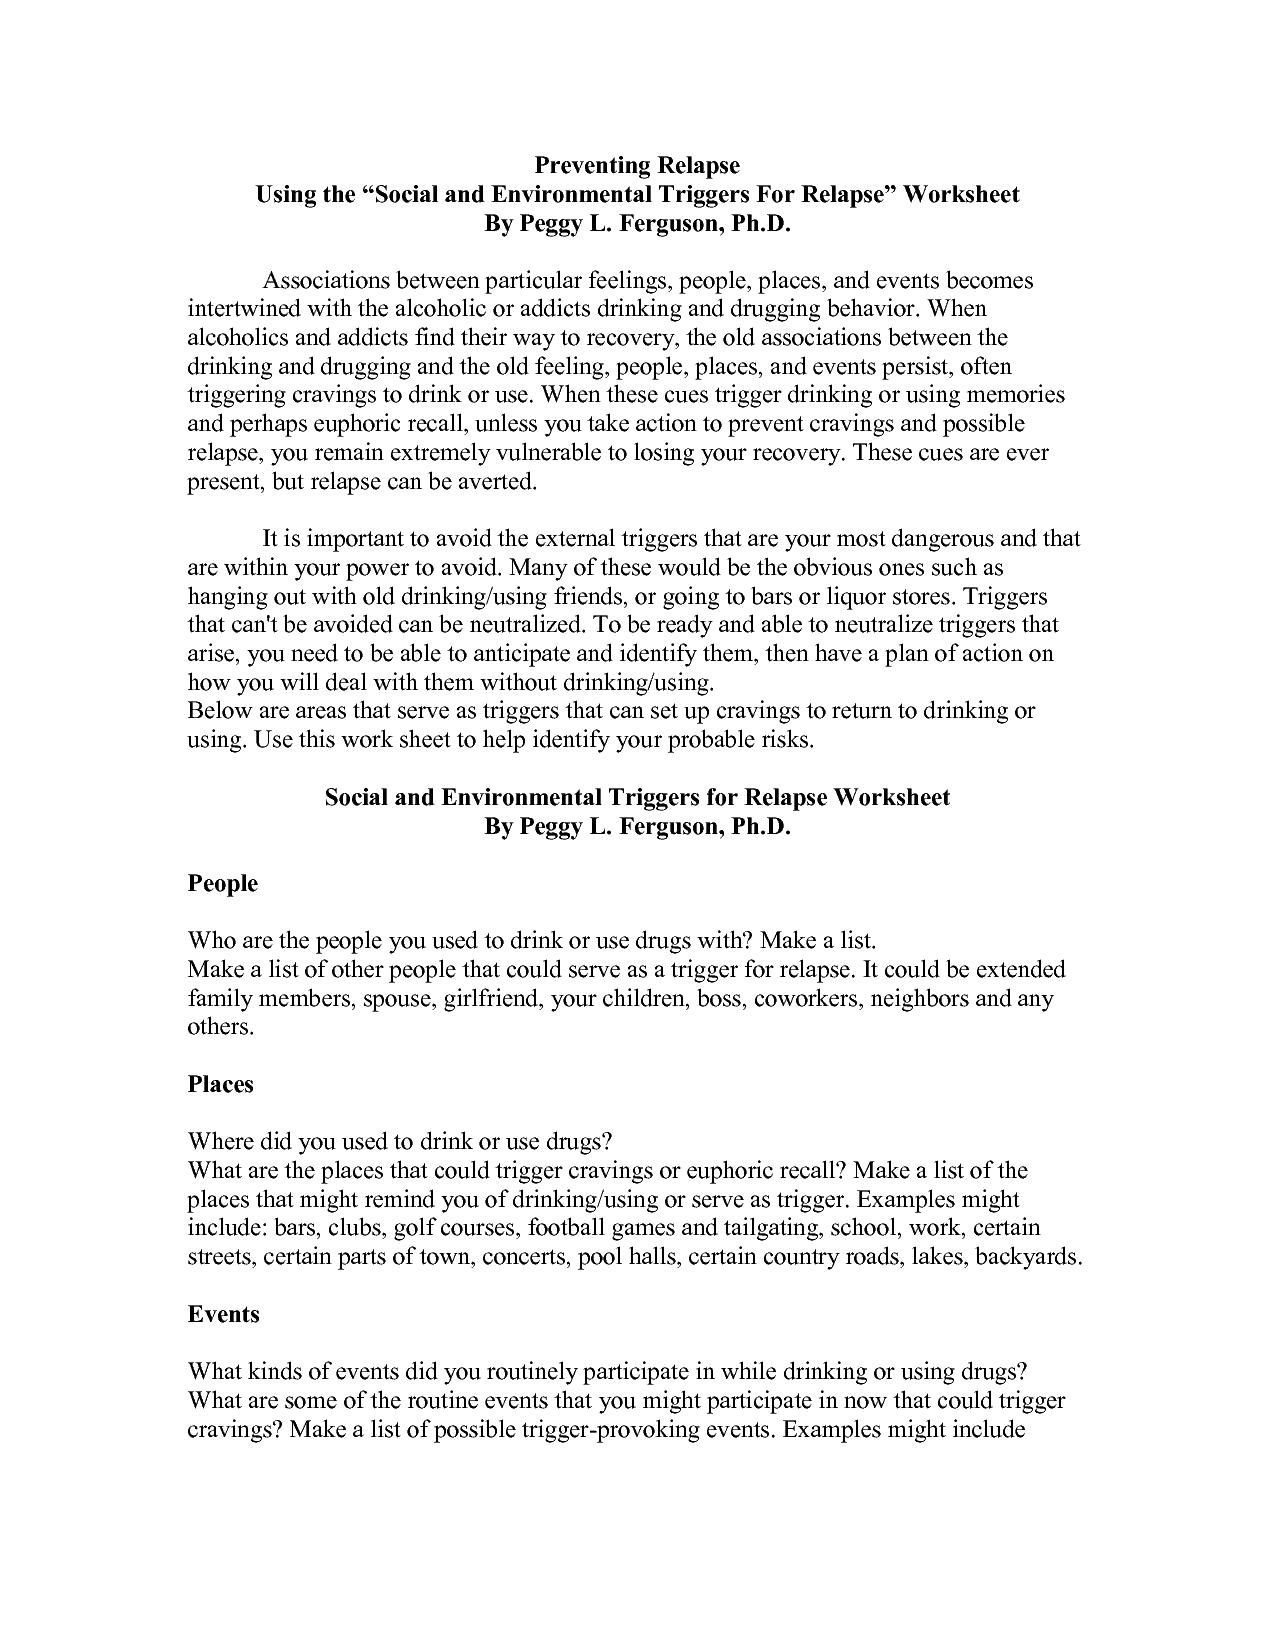 Gorski Relapse Prevention Worksheet